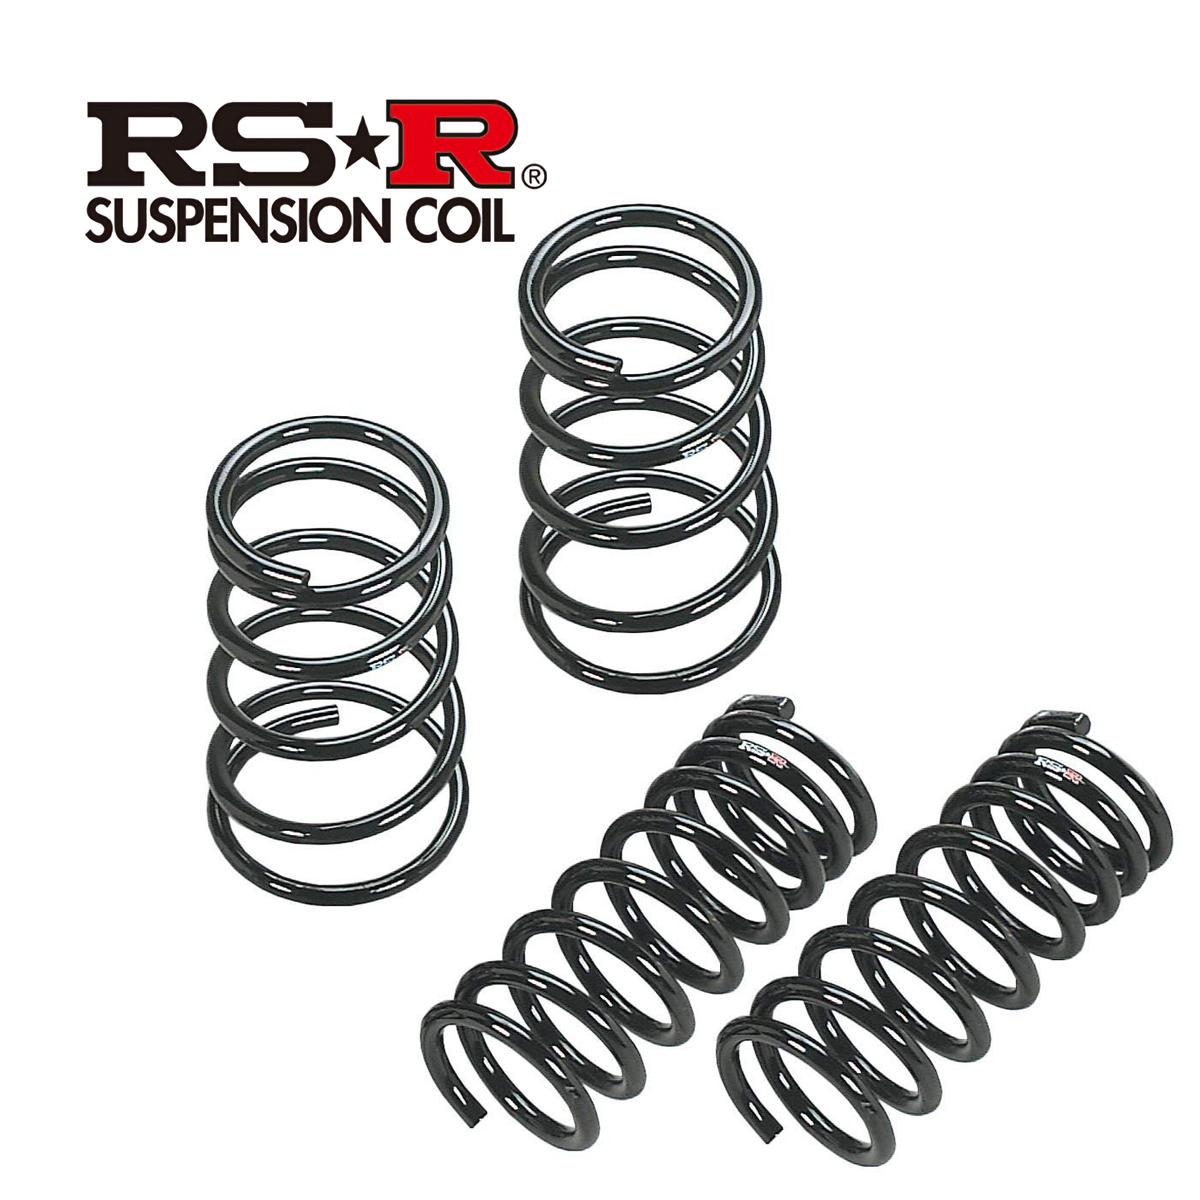 RS-R レクサス GYL25W RX450h Fスポーツ ダウンサス スプリング 1台分 T299D RSR ダウン RSR 条件付き送料無料